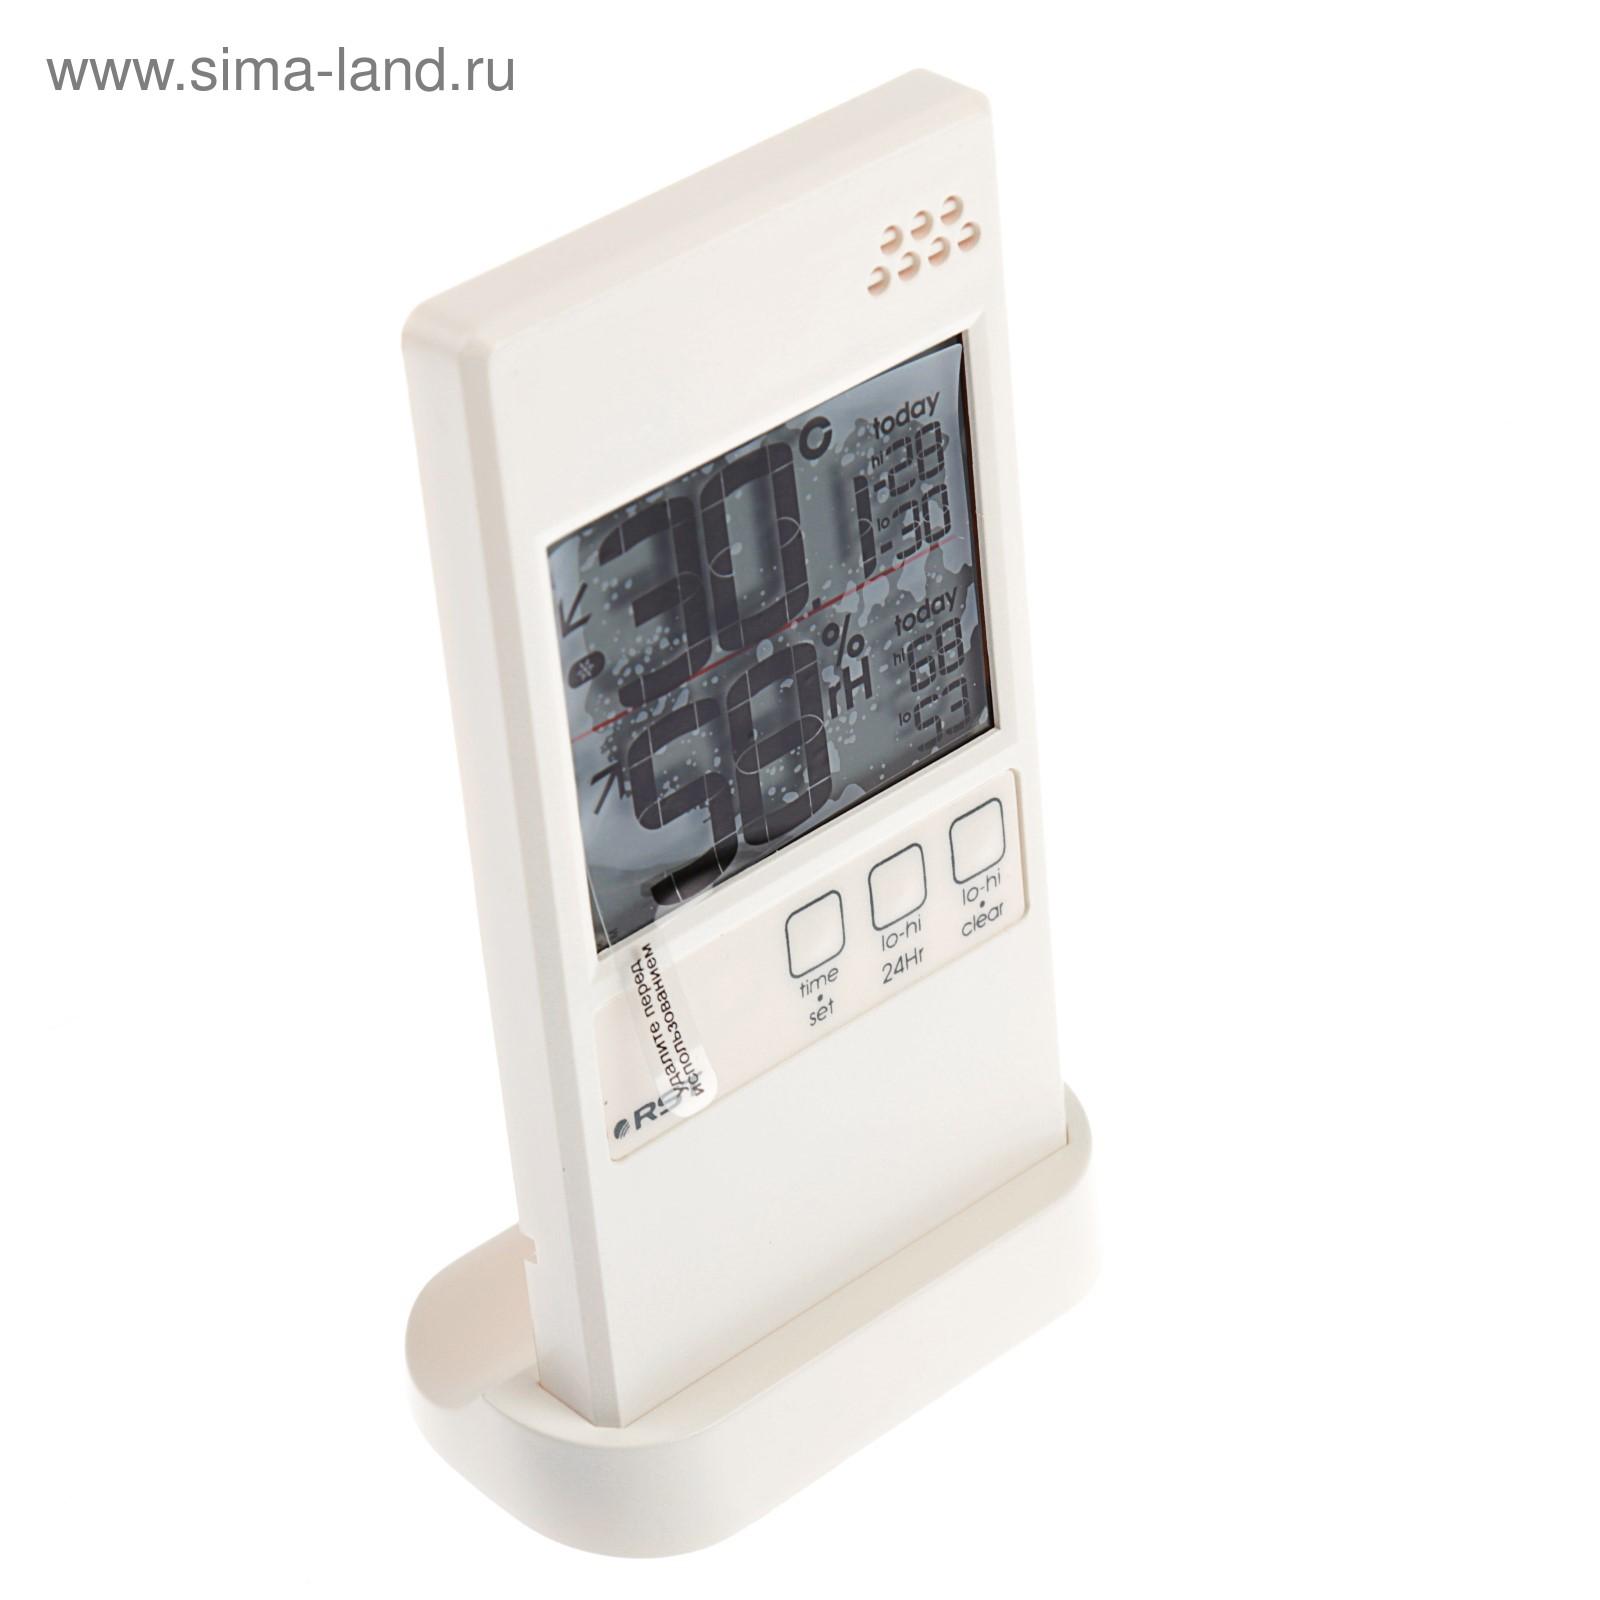 01ebfcacccb0 Термогигрометр RST 01593, цифровой, слоновая кость (3473128 ...